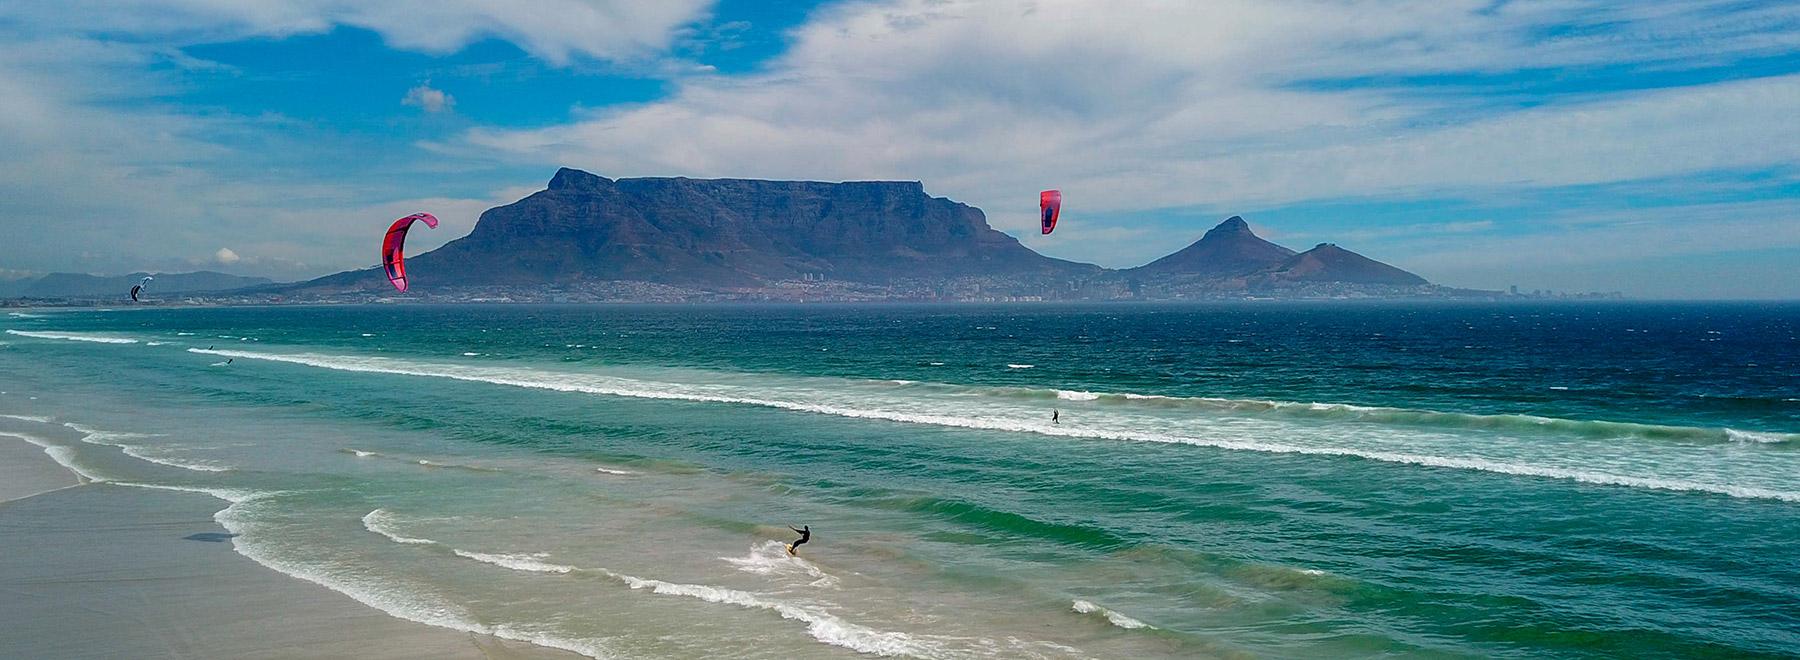 Kitesurfen in Kapstadt, Suedafrika